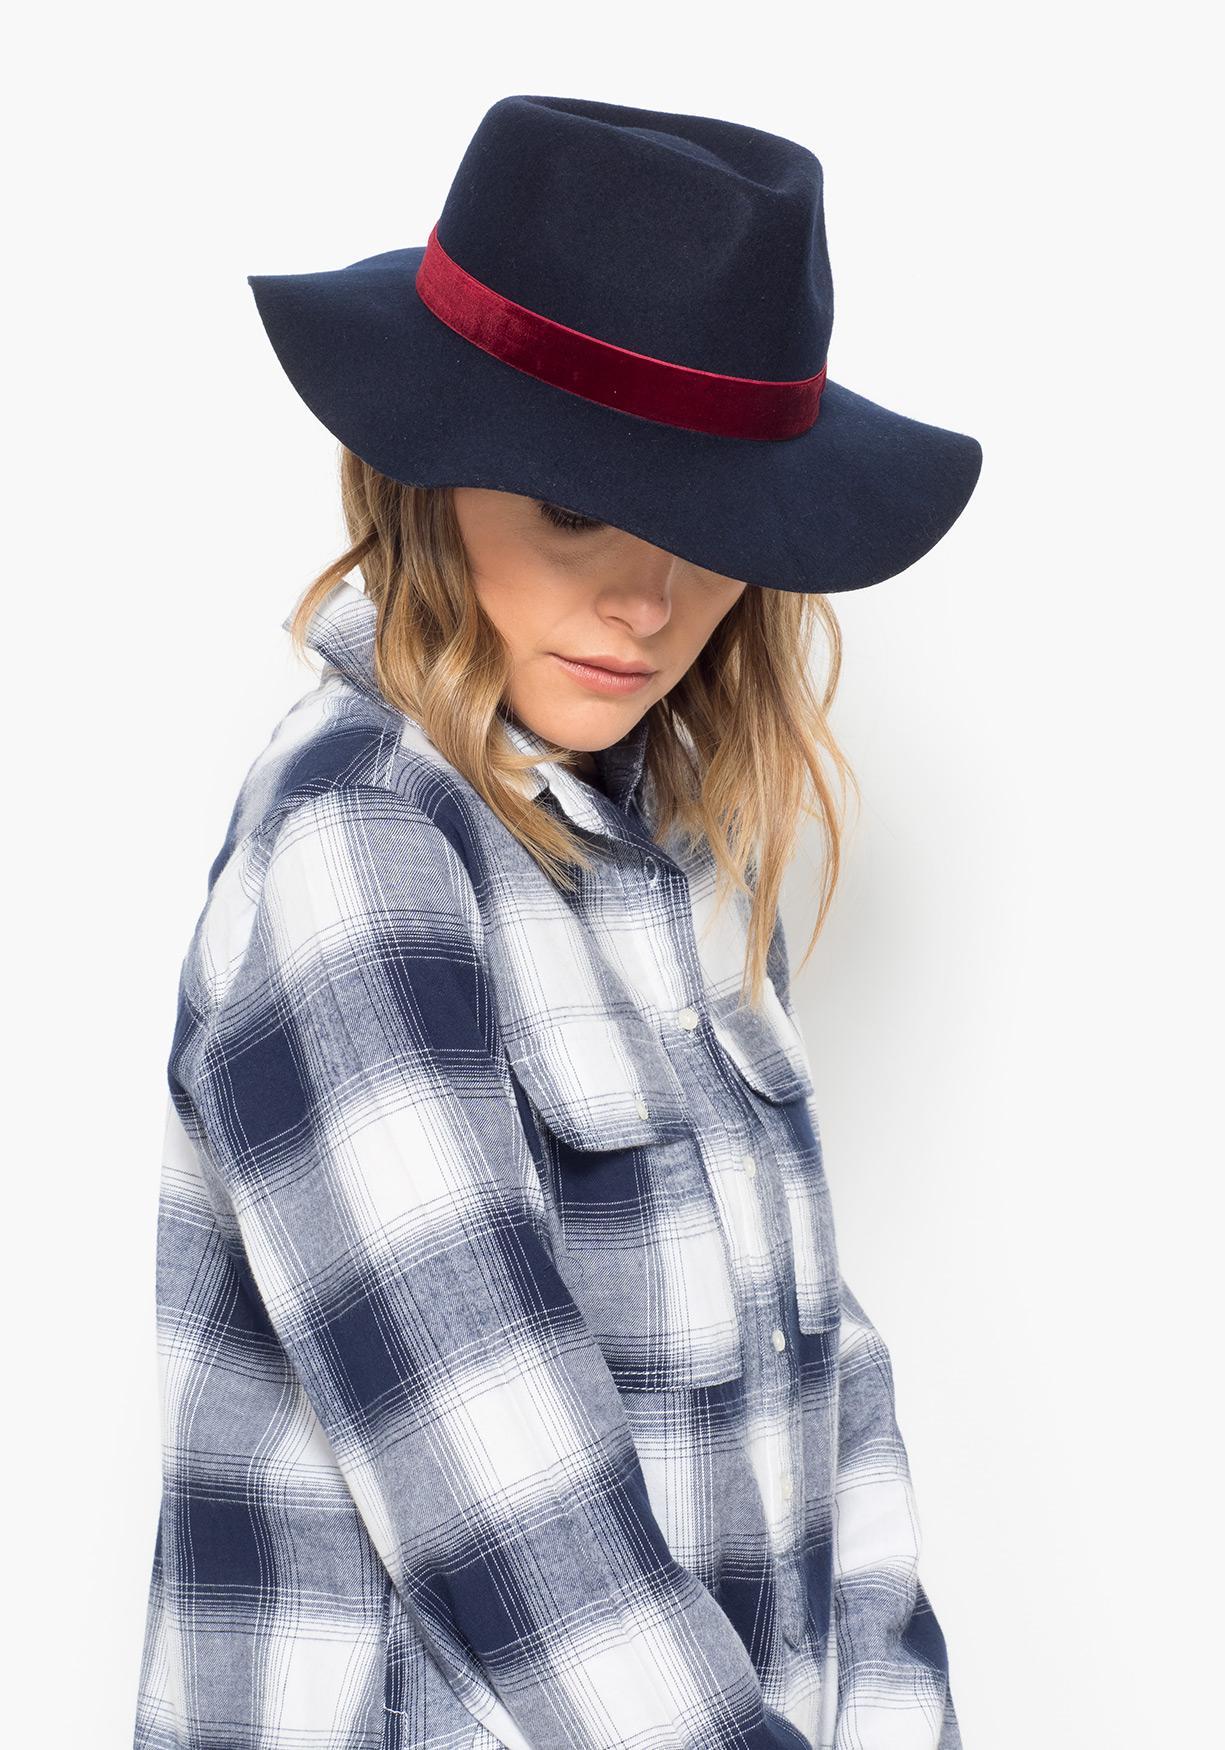 d1f8a23bcf44a Comprar Sombrero de mujer. ¡Aprovéchate de nuestros precios y ...